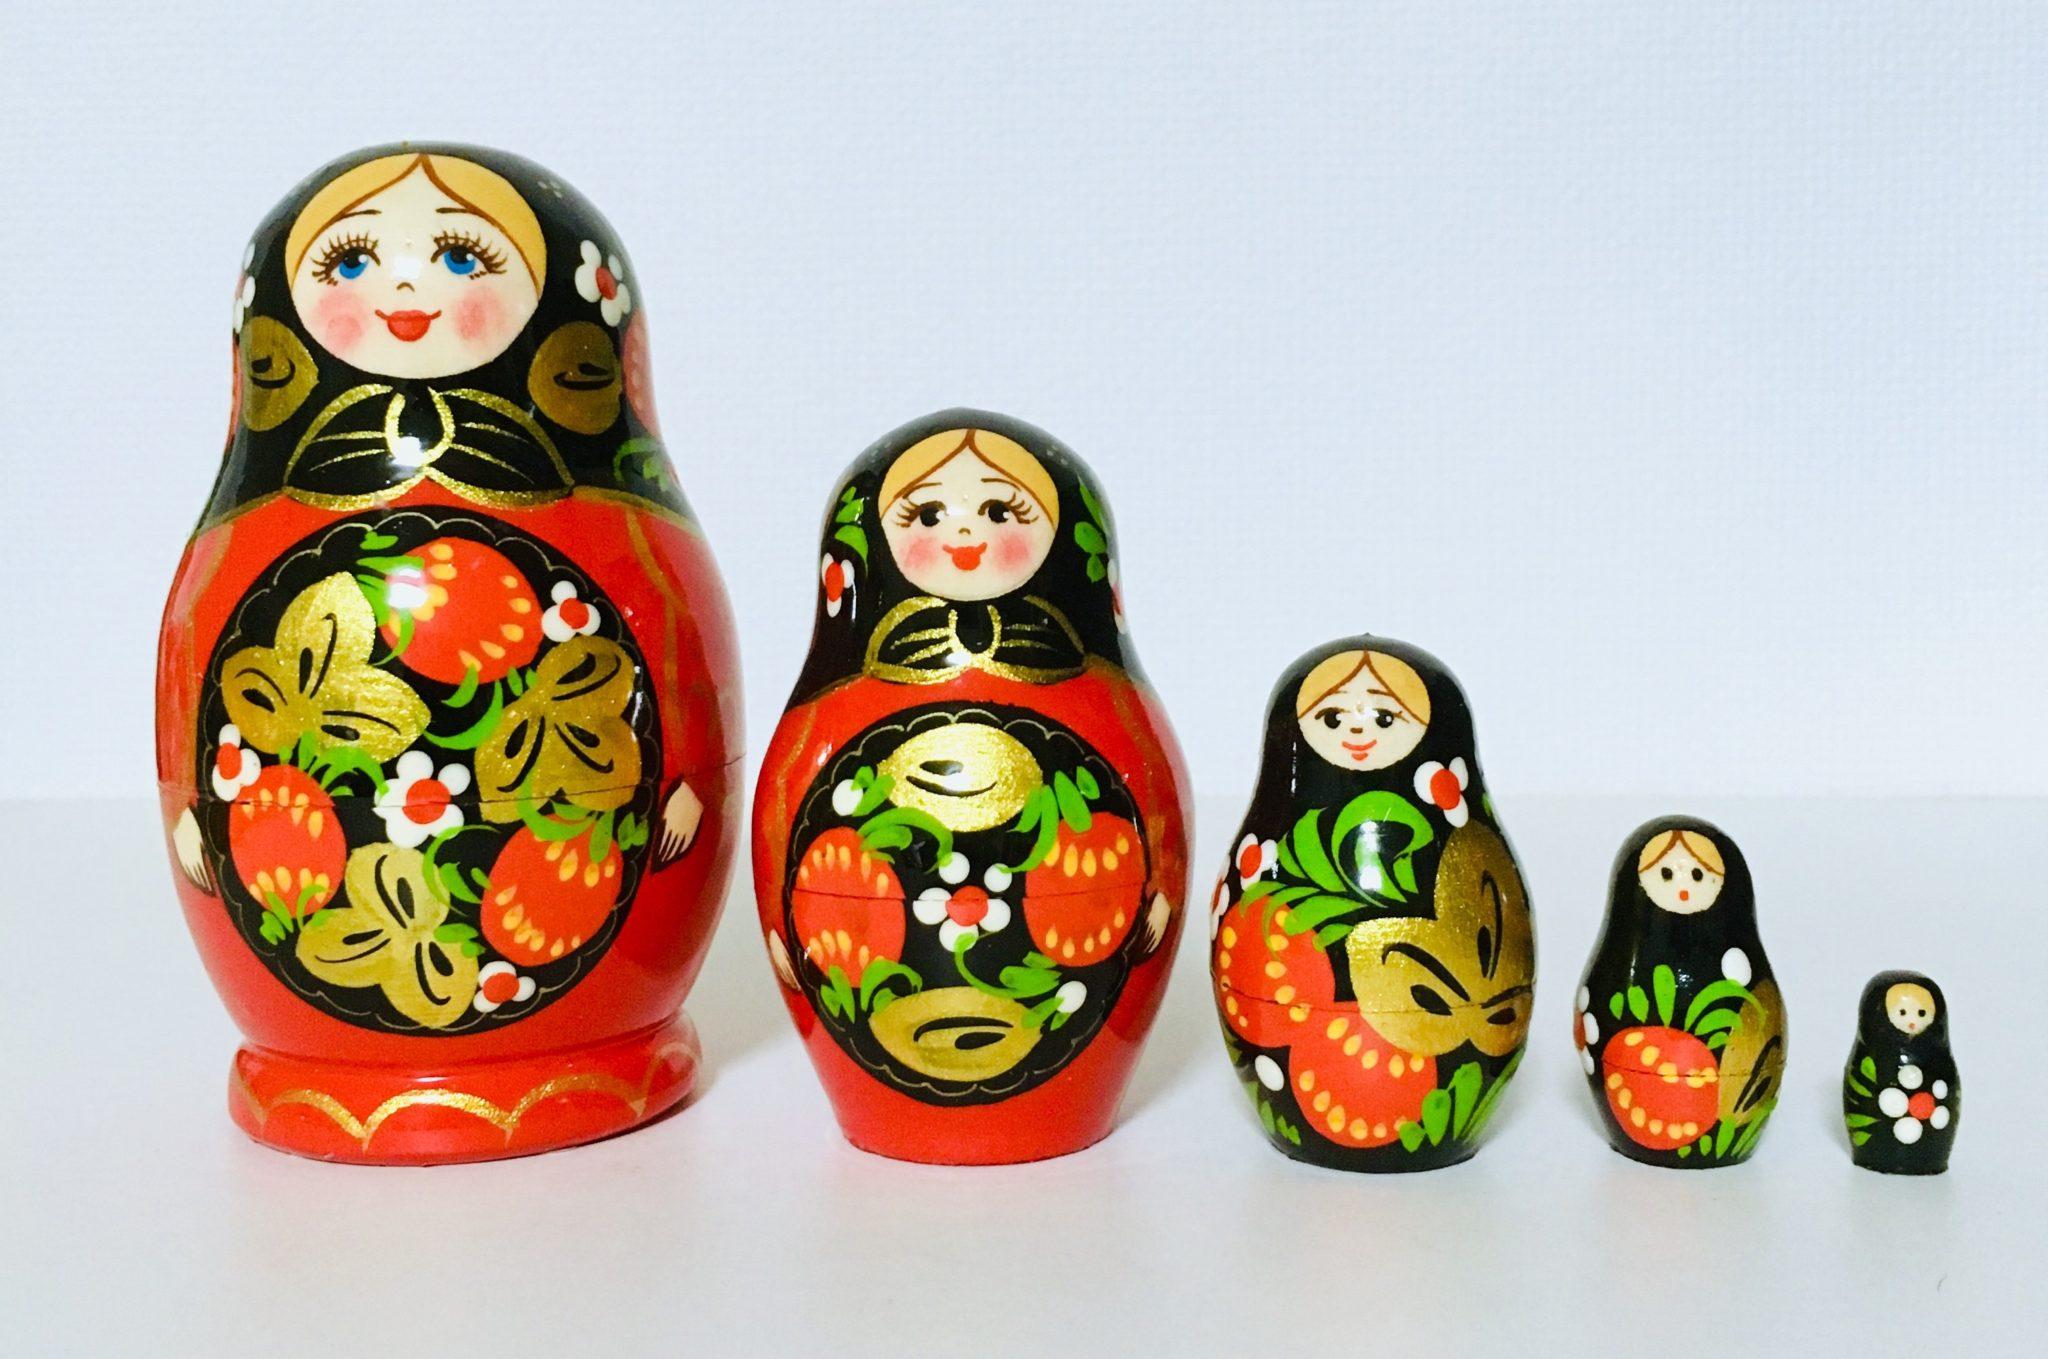 オルガン針株式会社が運営するミシンユーザーのための情報発信型通販サイトArt Stitch Room Powered by ORGAN NEEDLE CO.,LTD.(アートスティッチルーム)|ロシア訪問記 #3